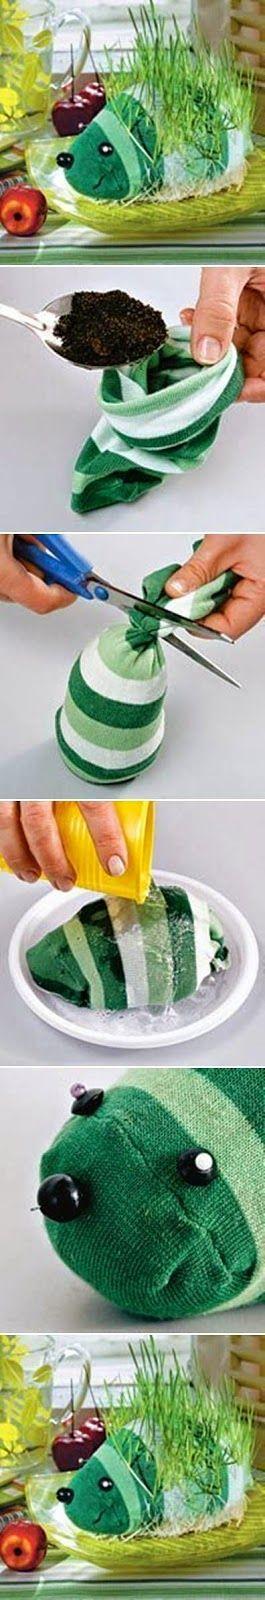 30 χρήσιμες και πρακτικές κατασκευές και χρήσεις απο παλιές κάλτσες | Φτιάξτο μόνος σου - Κατασκευές DIY - Do it yourself - Strømper kan bruges på mange kreative måder - her er en stor samling idéer